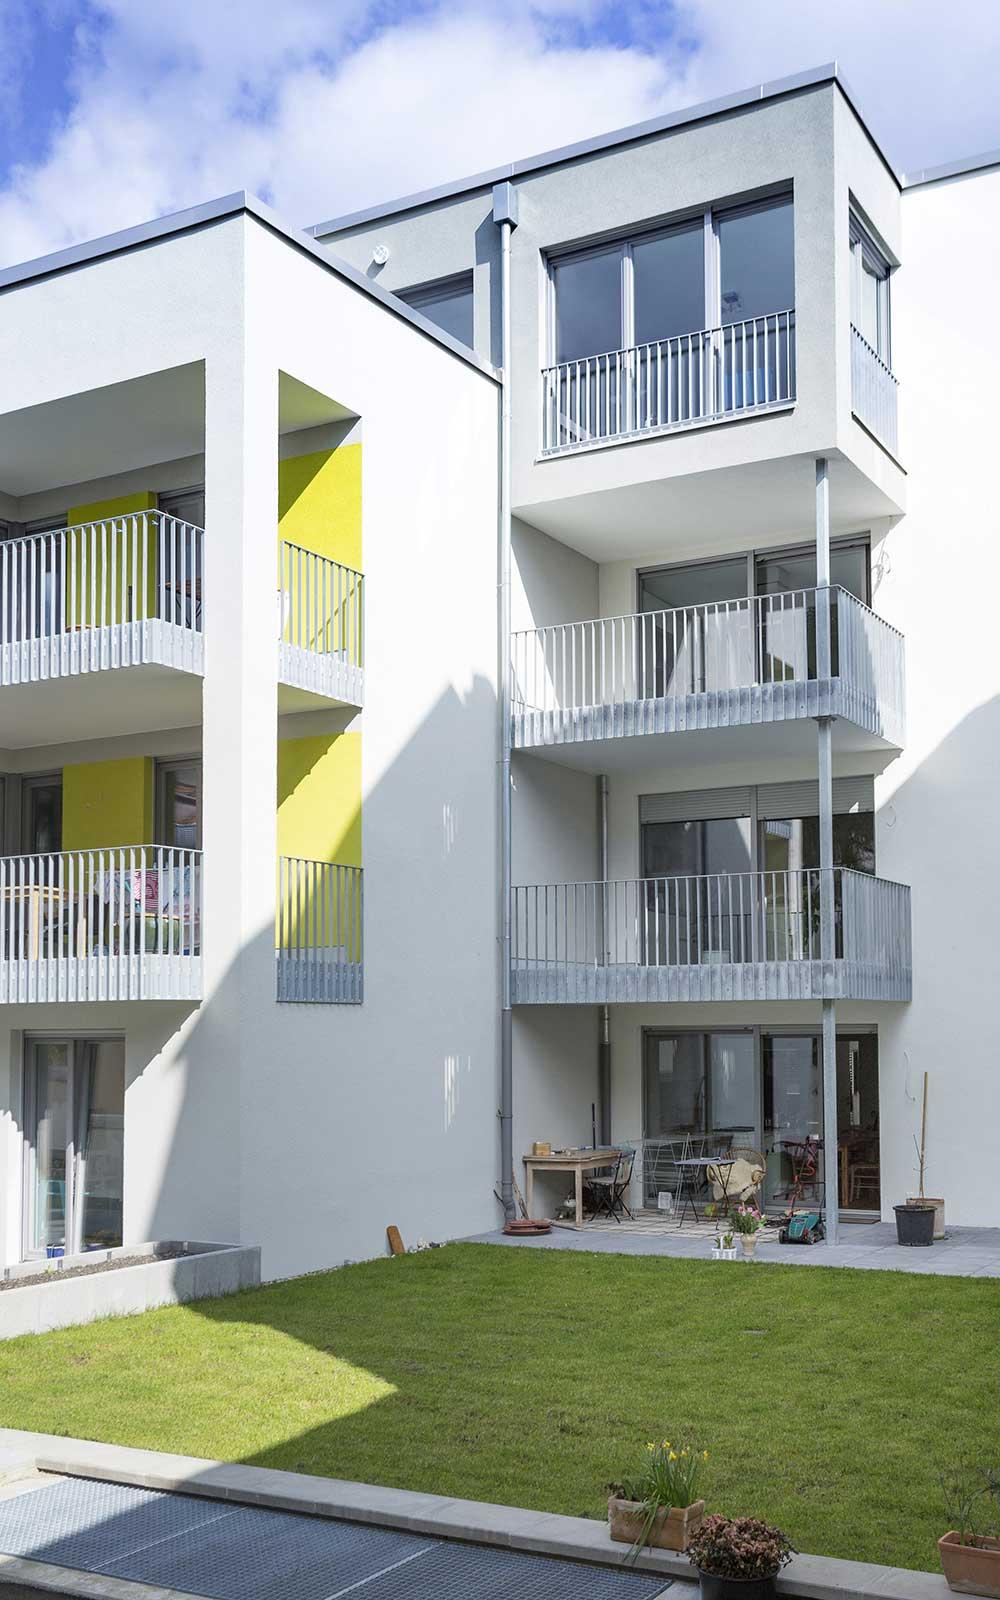 Eigentumswohnungen in Handschuhsheim, Heidelberg, Kochhan und Weckbach Architekten